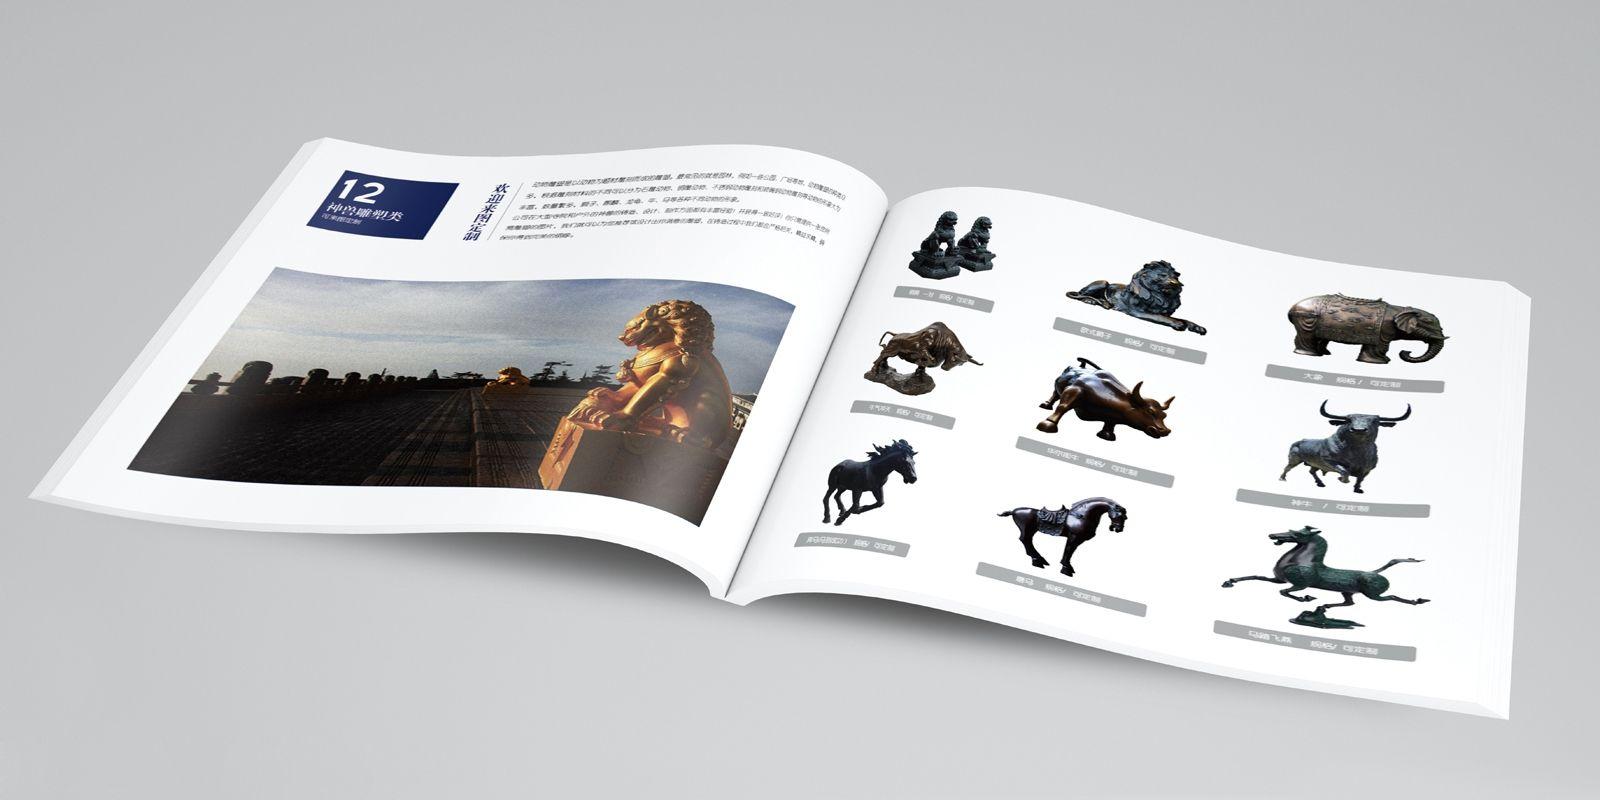 青铜铸造、铜雕公司产品画册设计 飞特网 原创画册设计